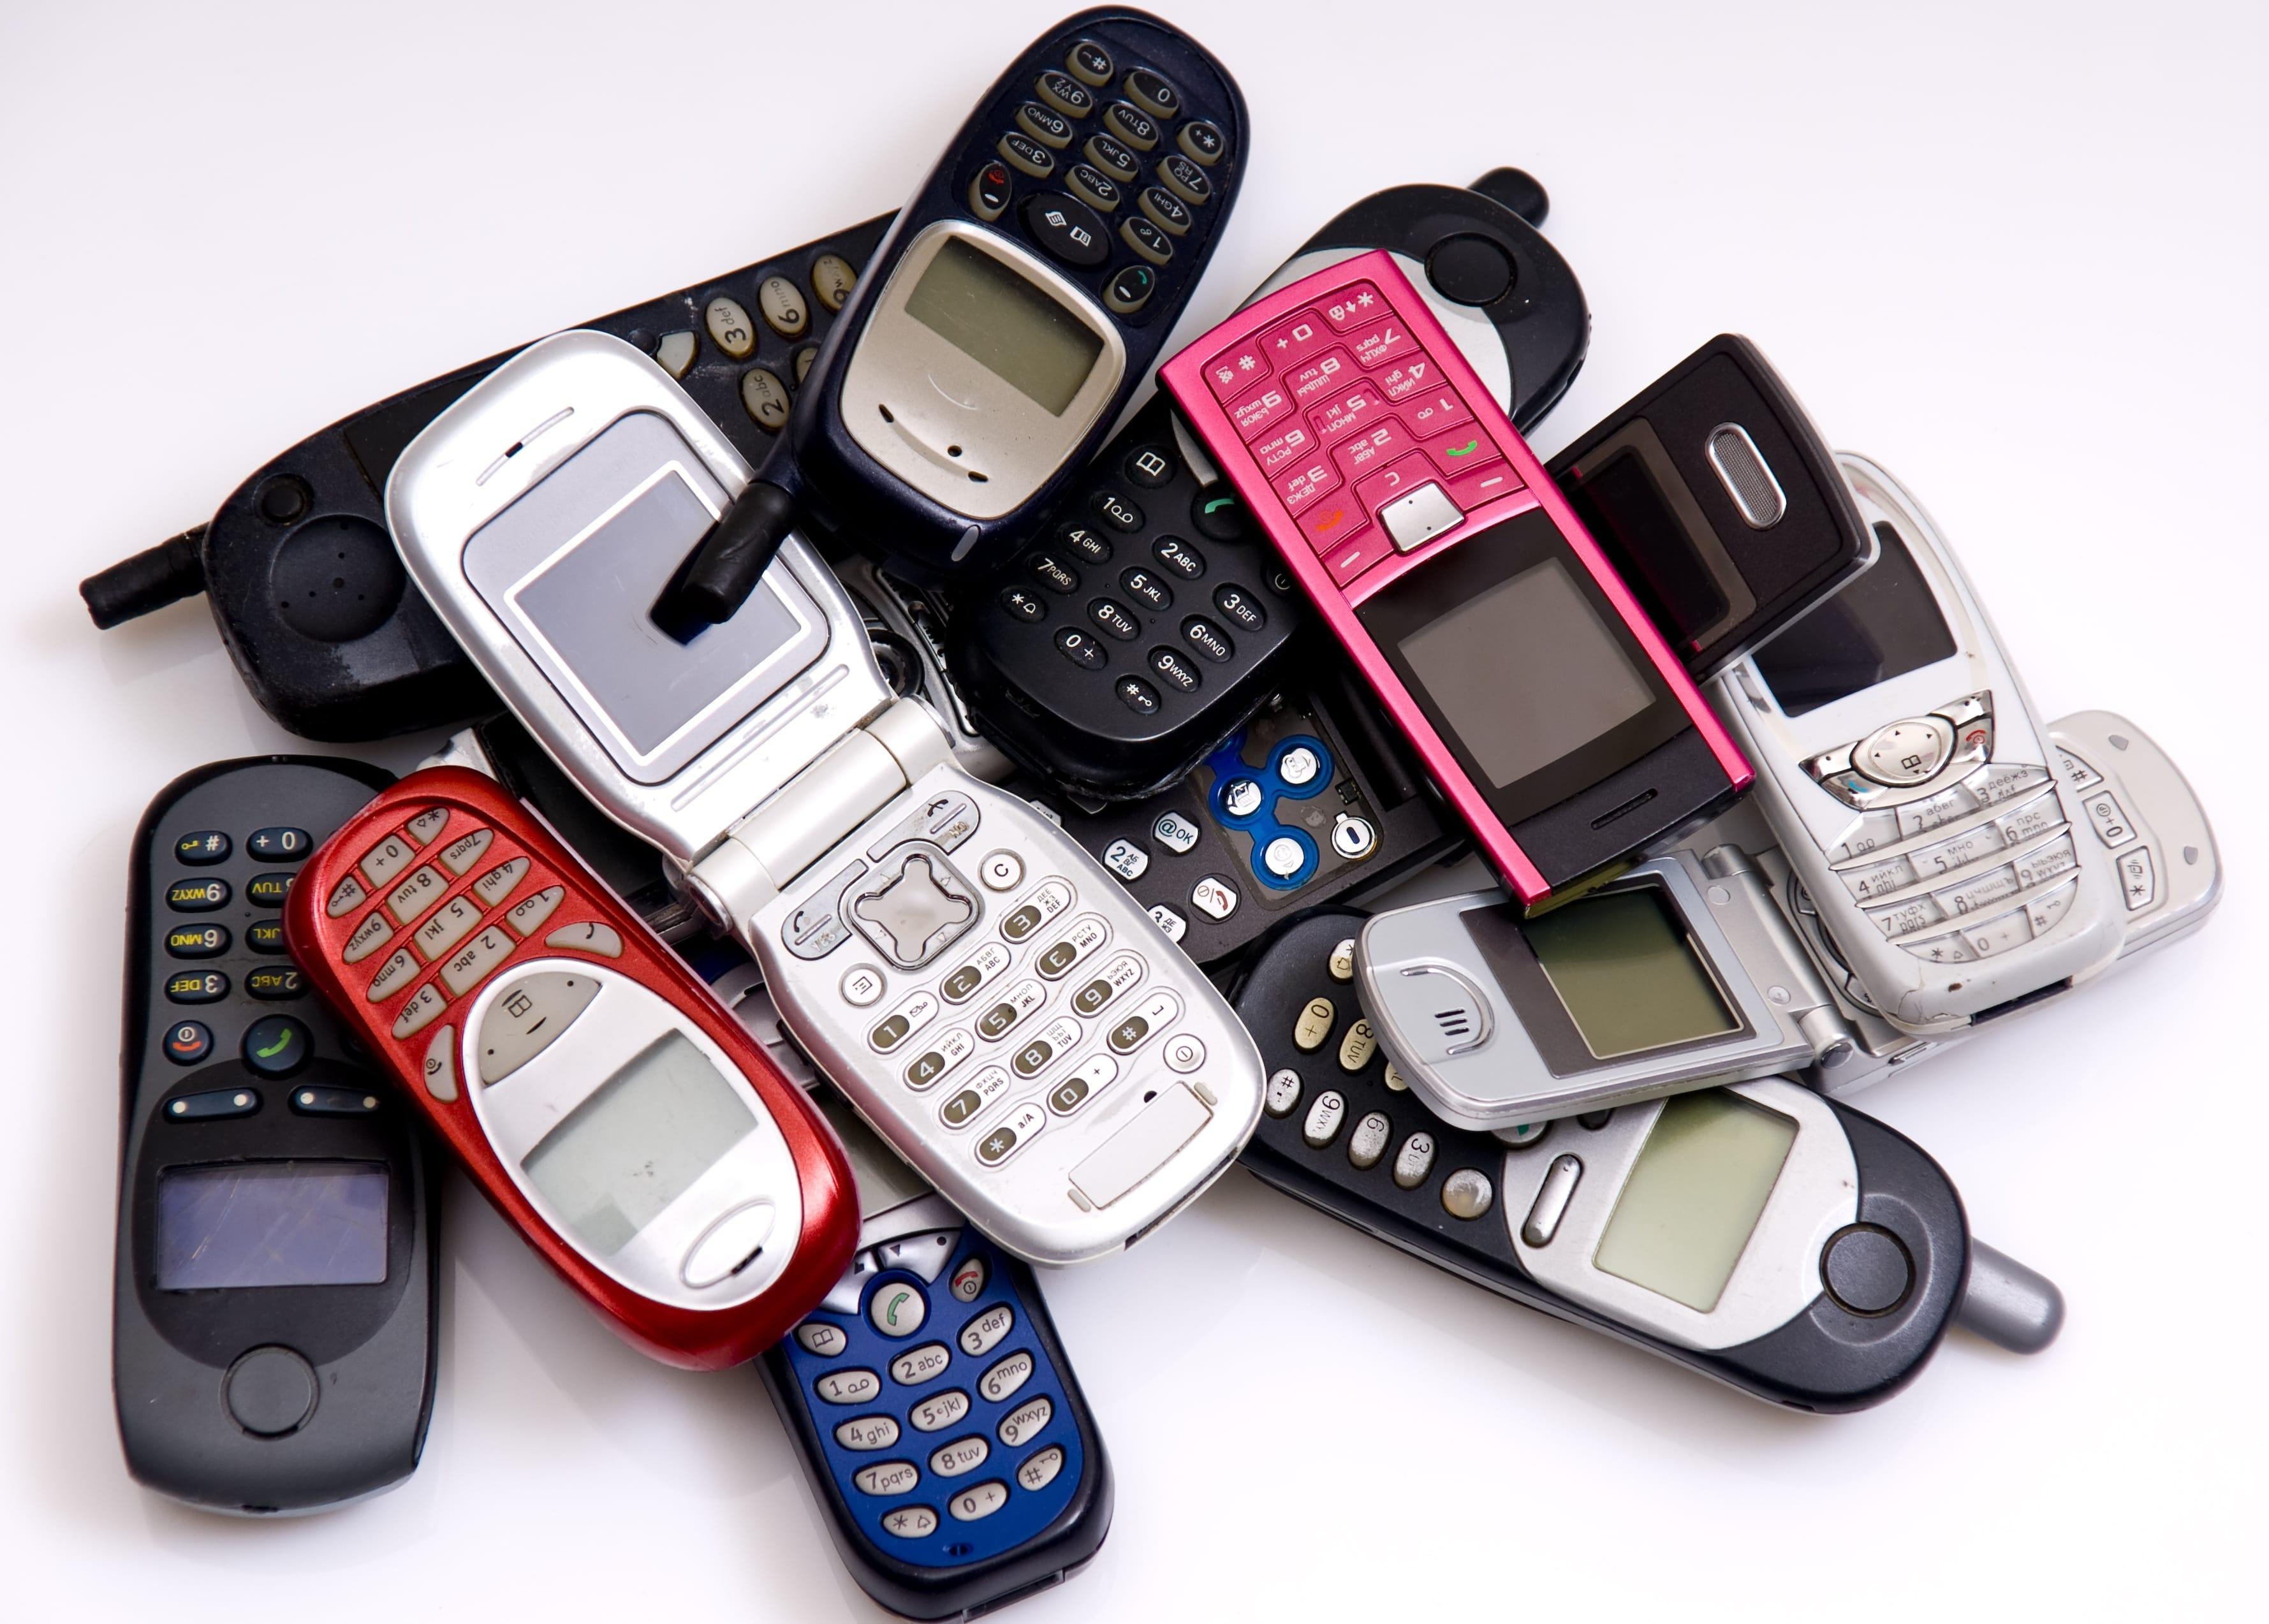 Riciclo cellulari usati: secondo una direttiva europea, sono i commercianti a doverli ritirare